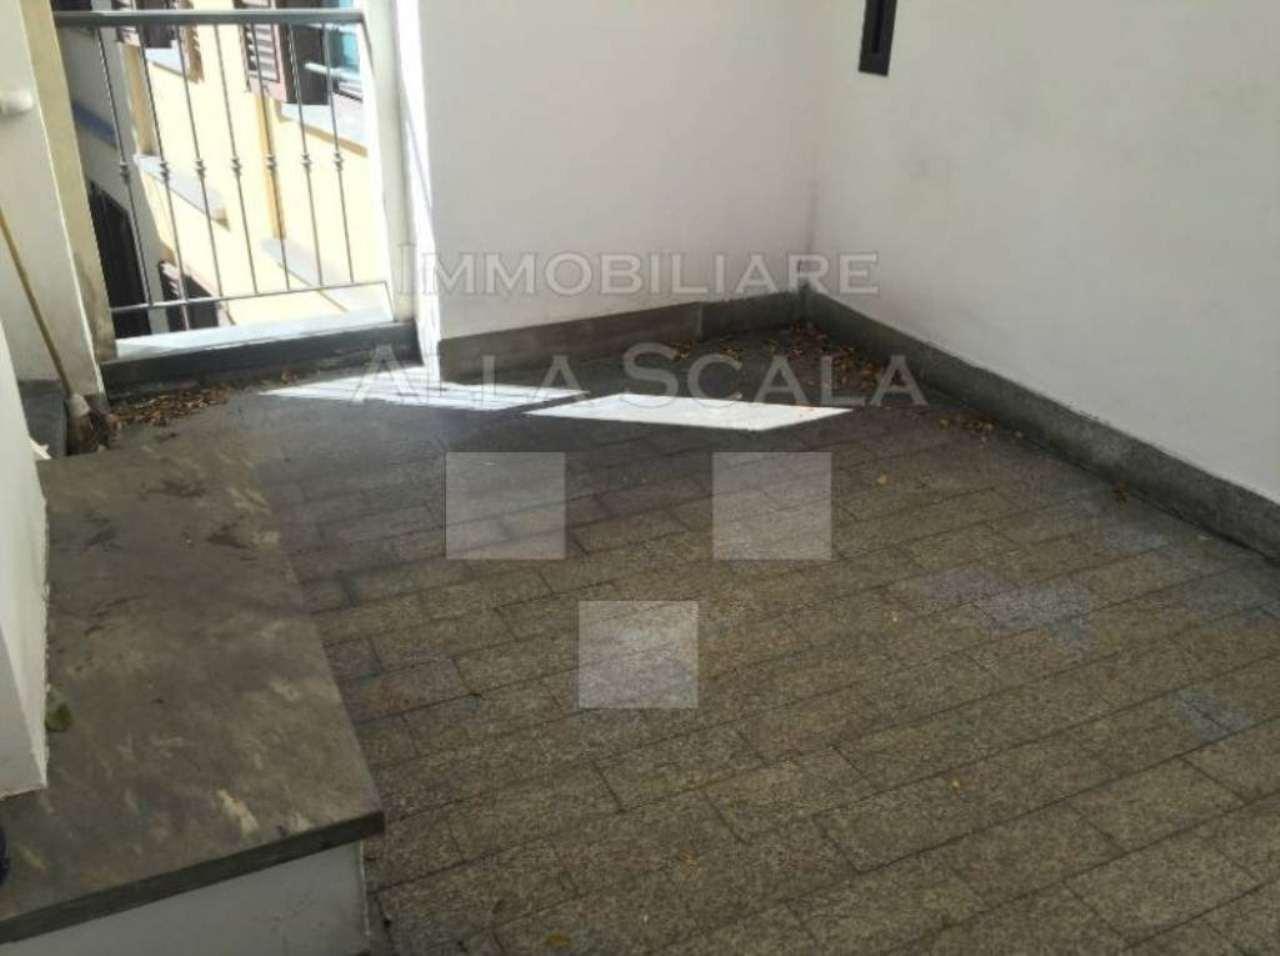 Appartamento in Vendita a Milano: 3 locali, 110 mq - Foto 5